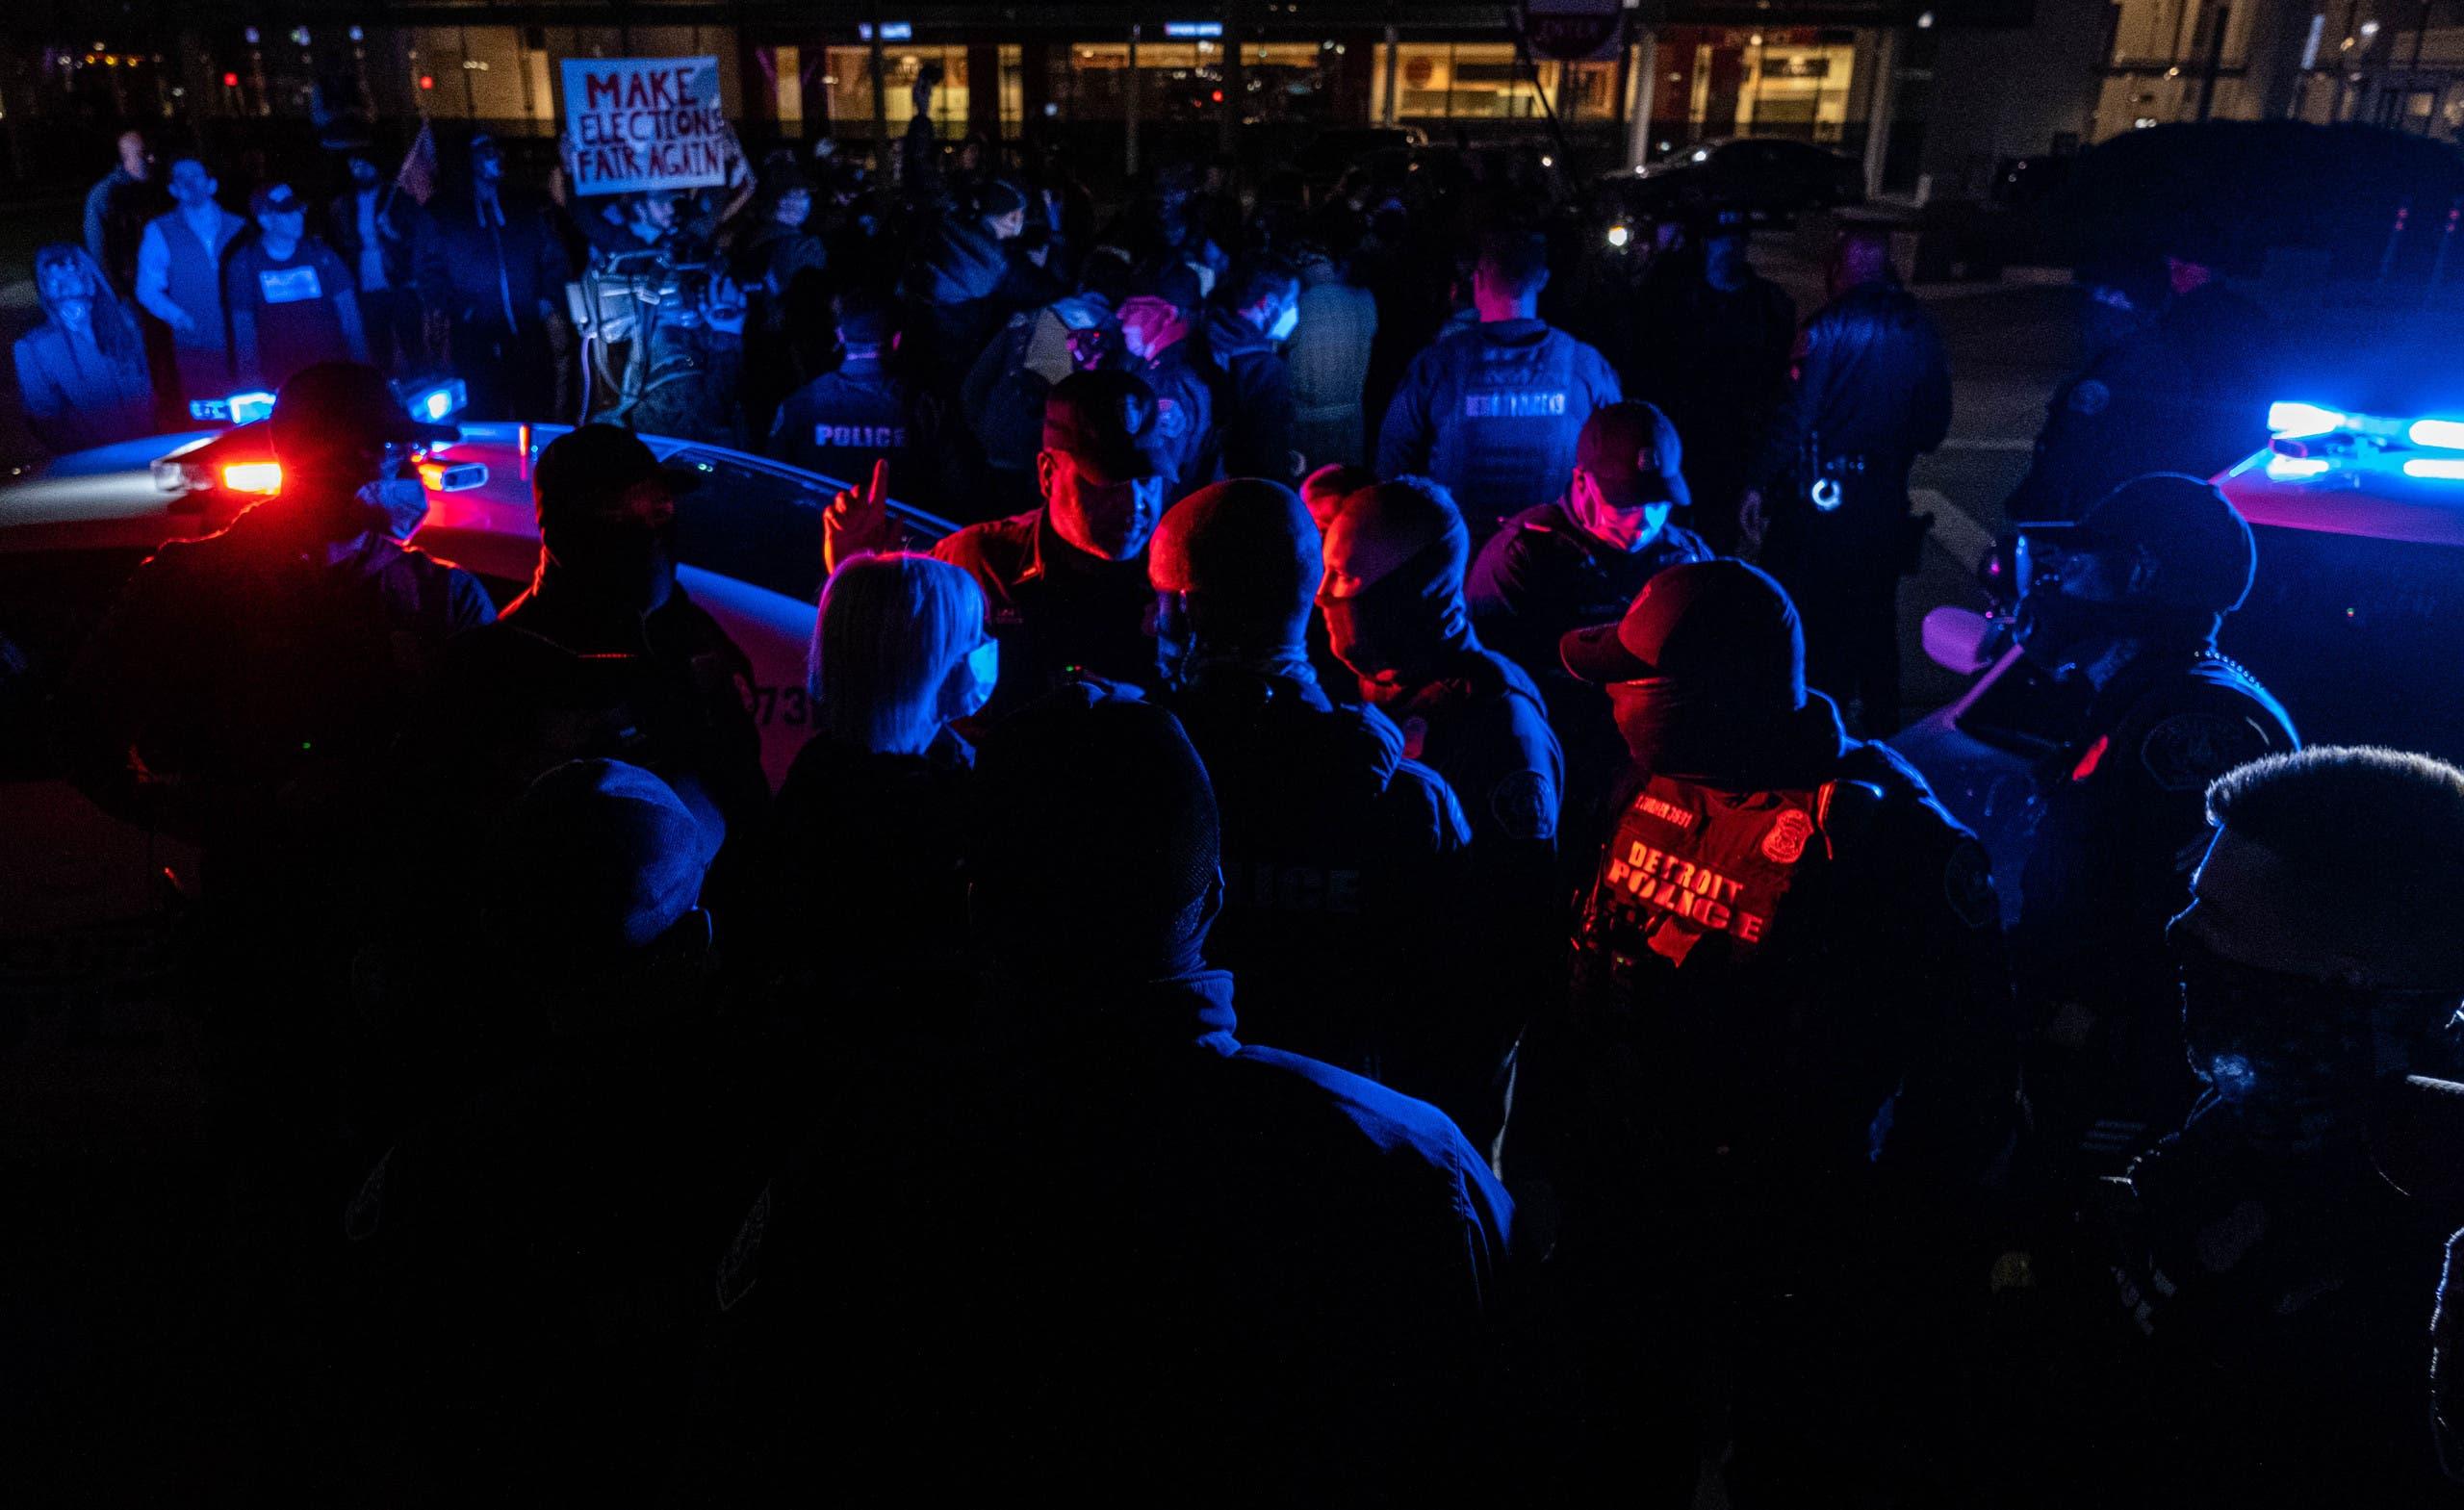 الشرطة في ديترويت بميشيغن تقف للفصل بين تجمعين لأنصار كلا المرشحين